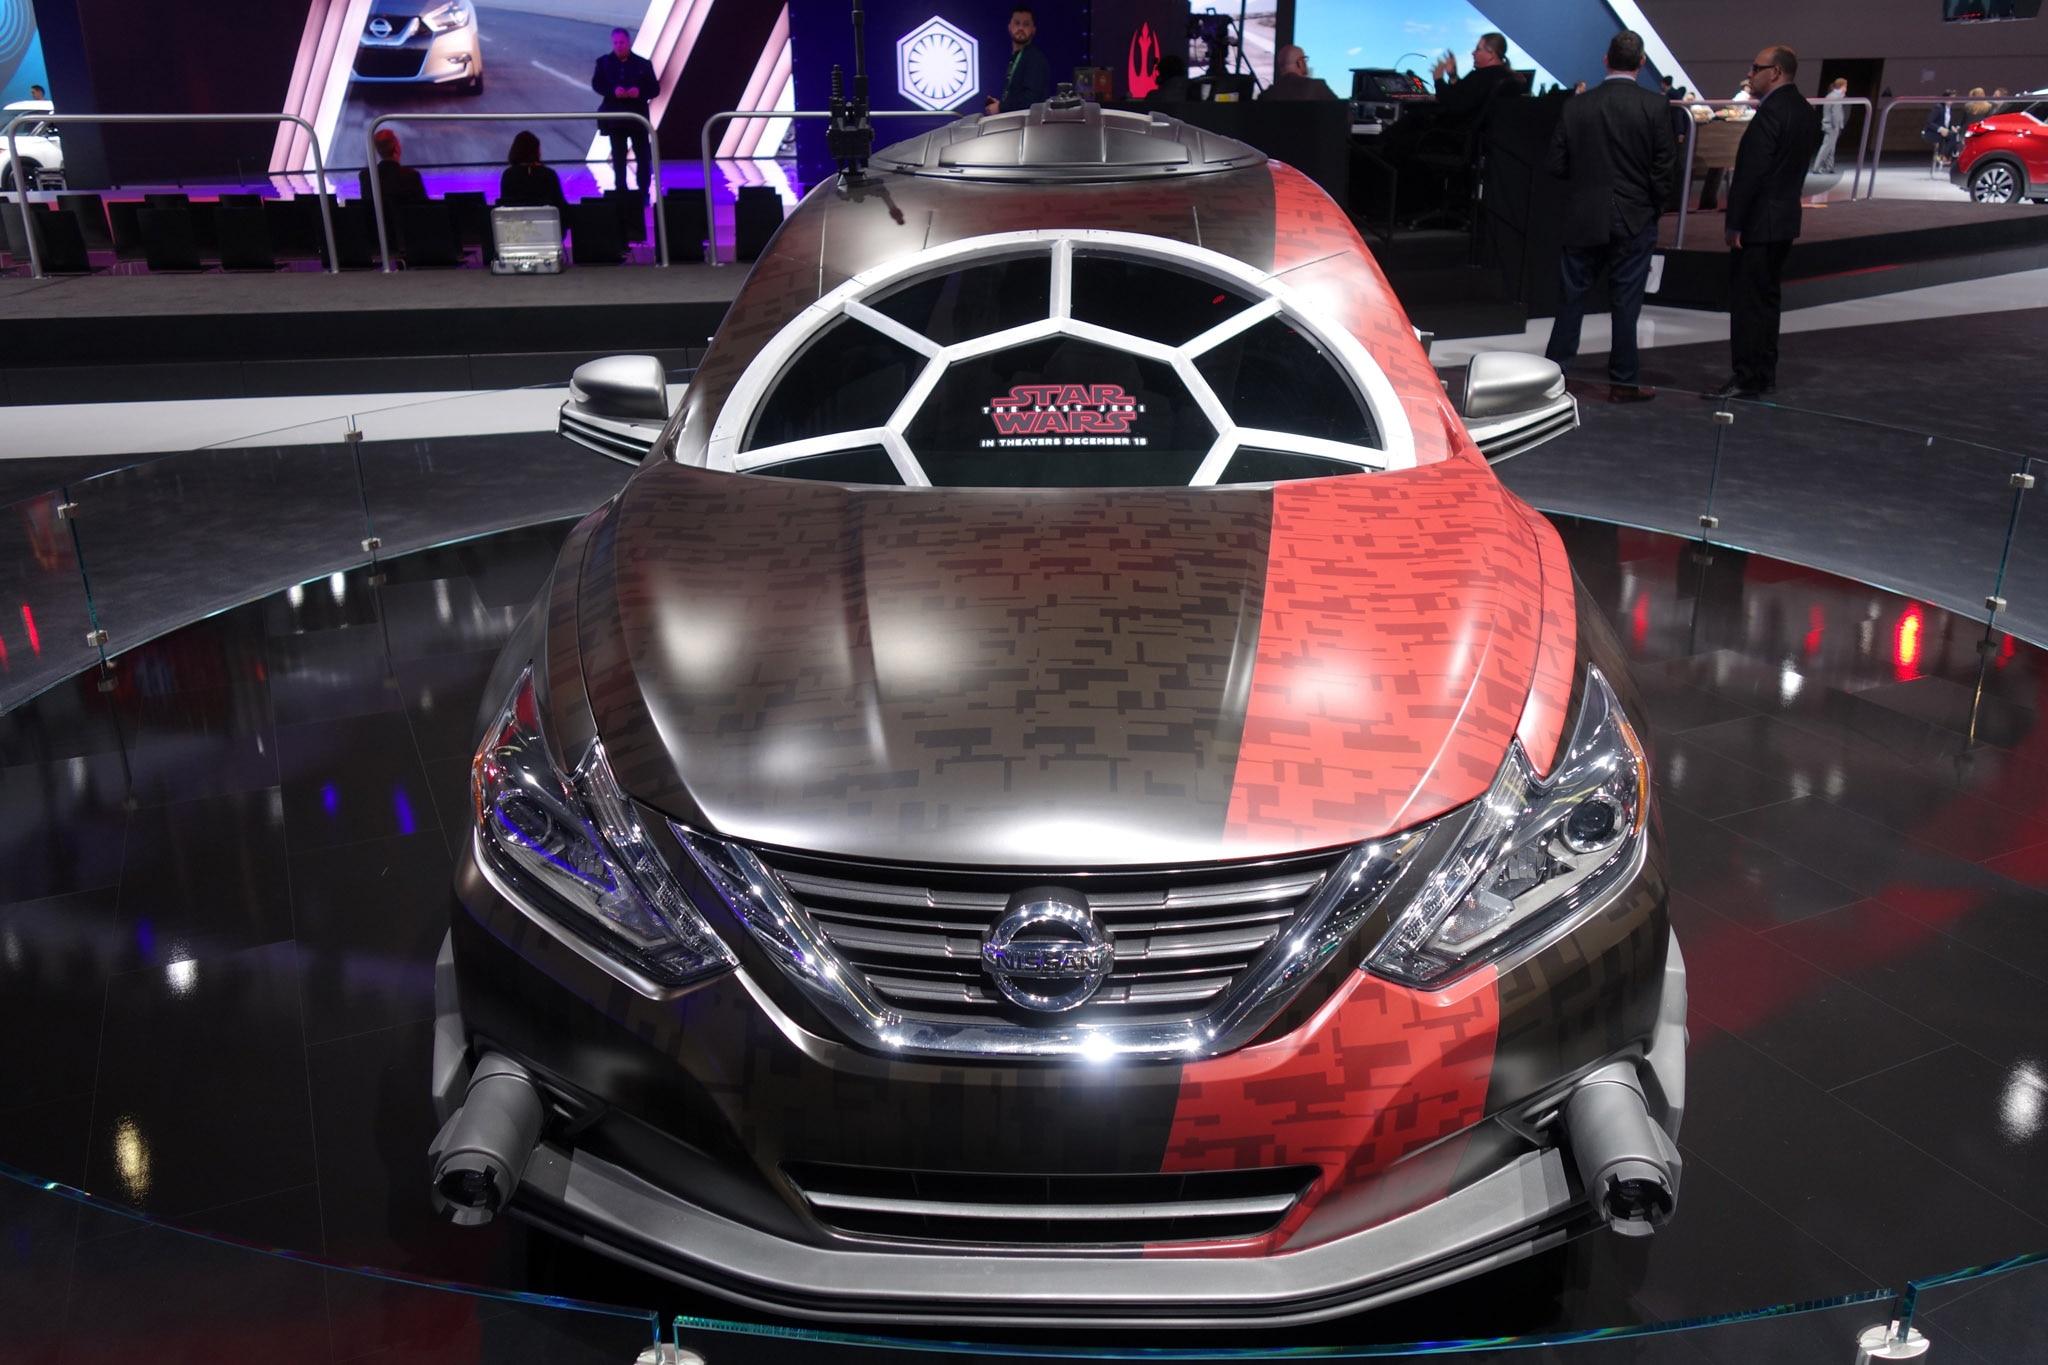 Nissan Star Wars L